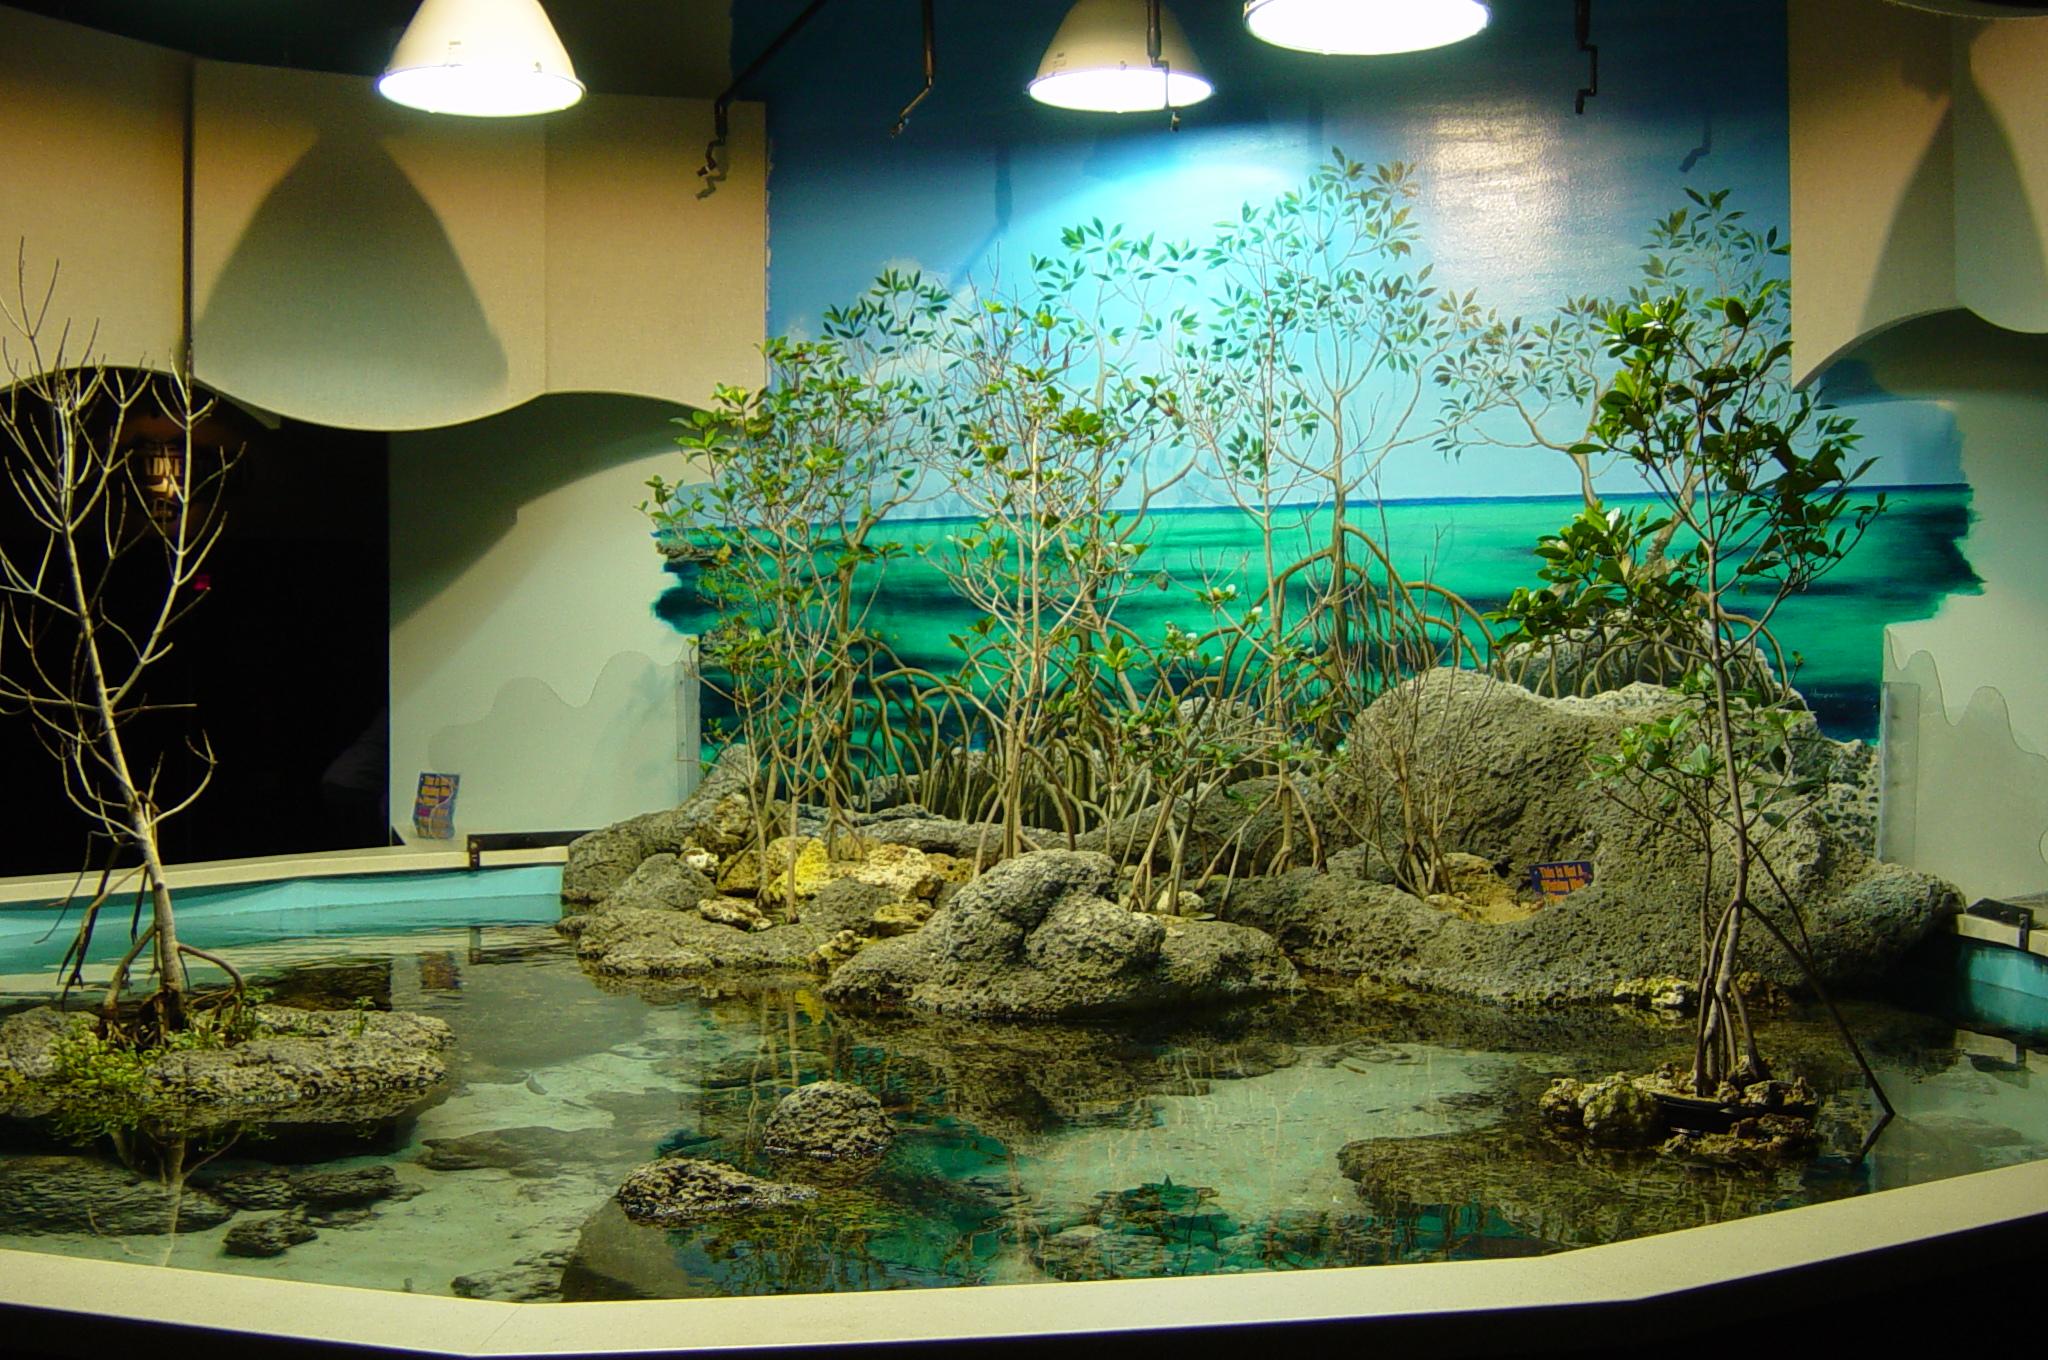 Freshwater aquarium fish ecosystem - I